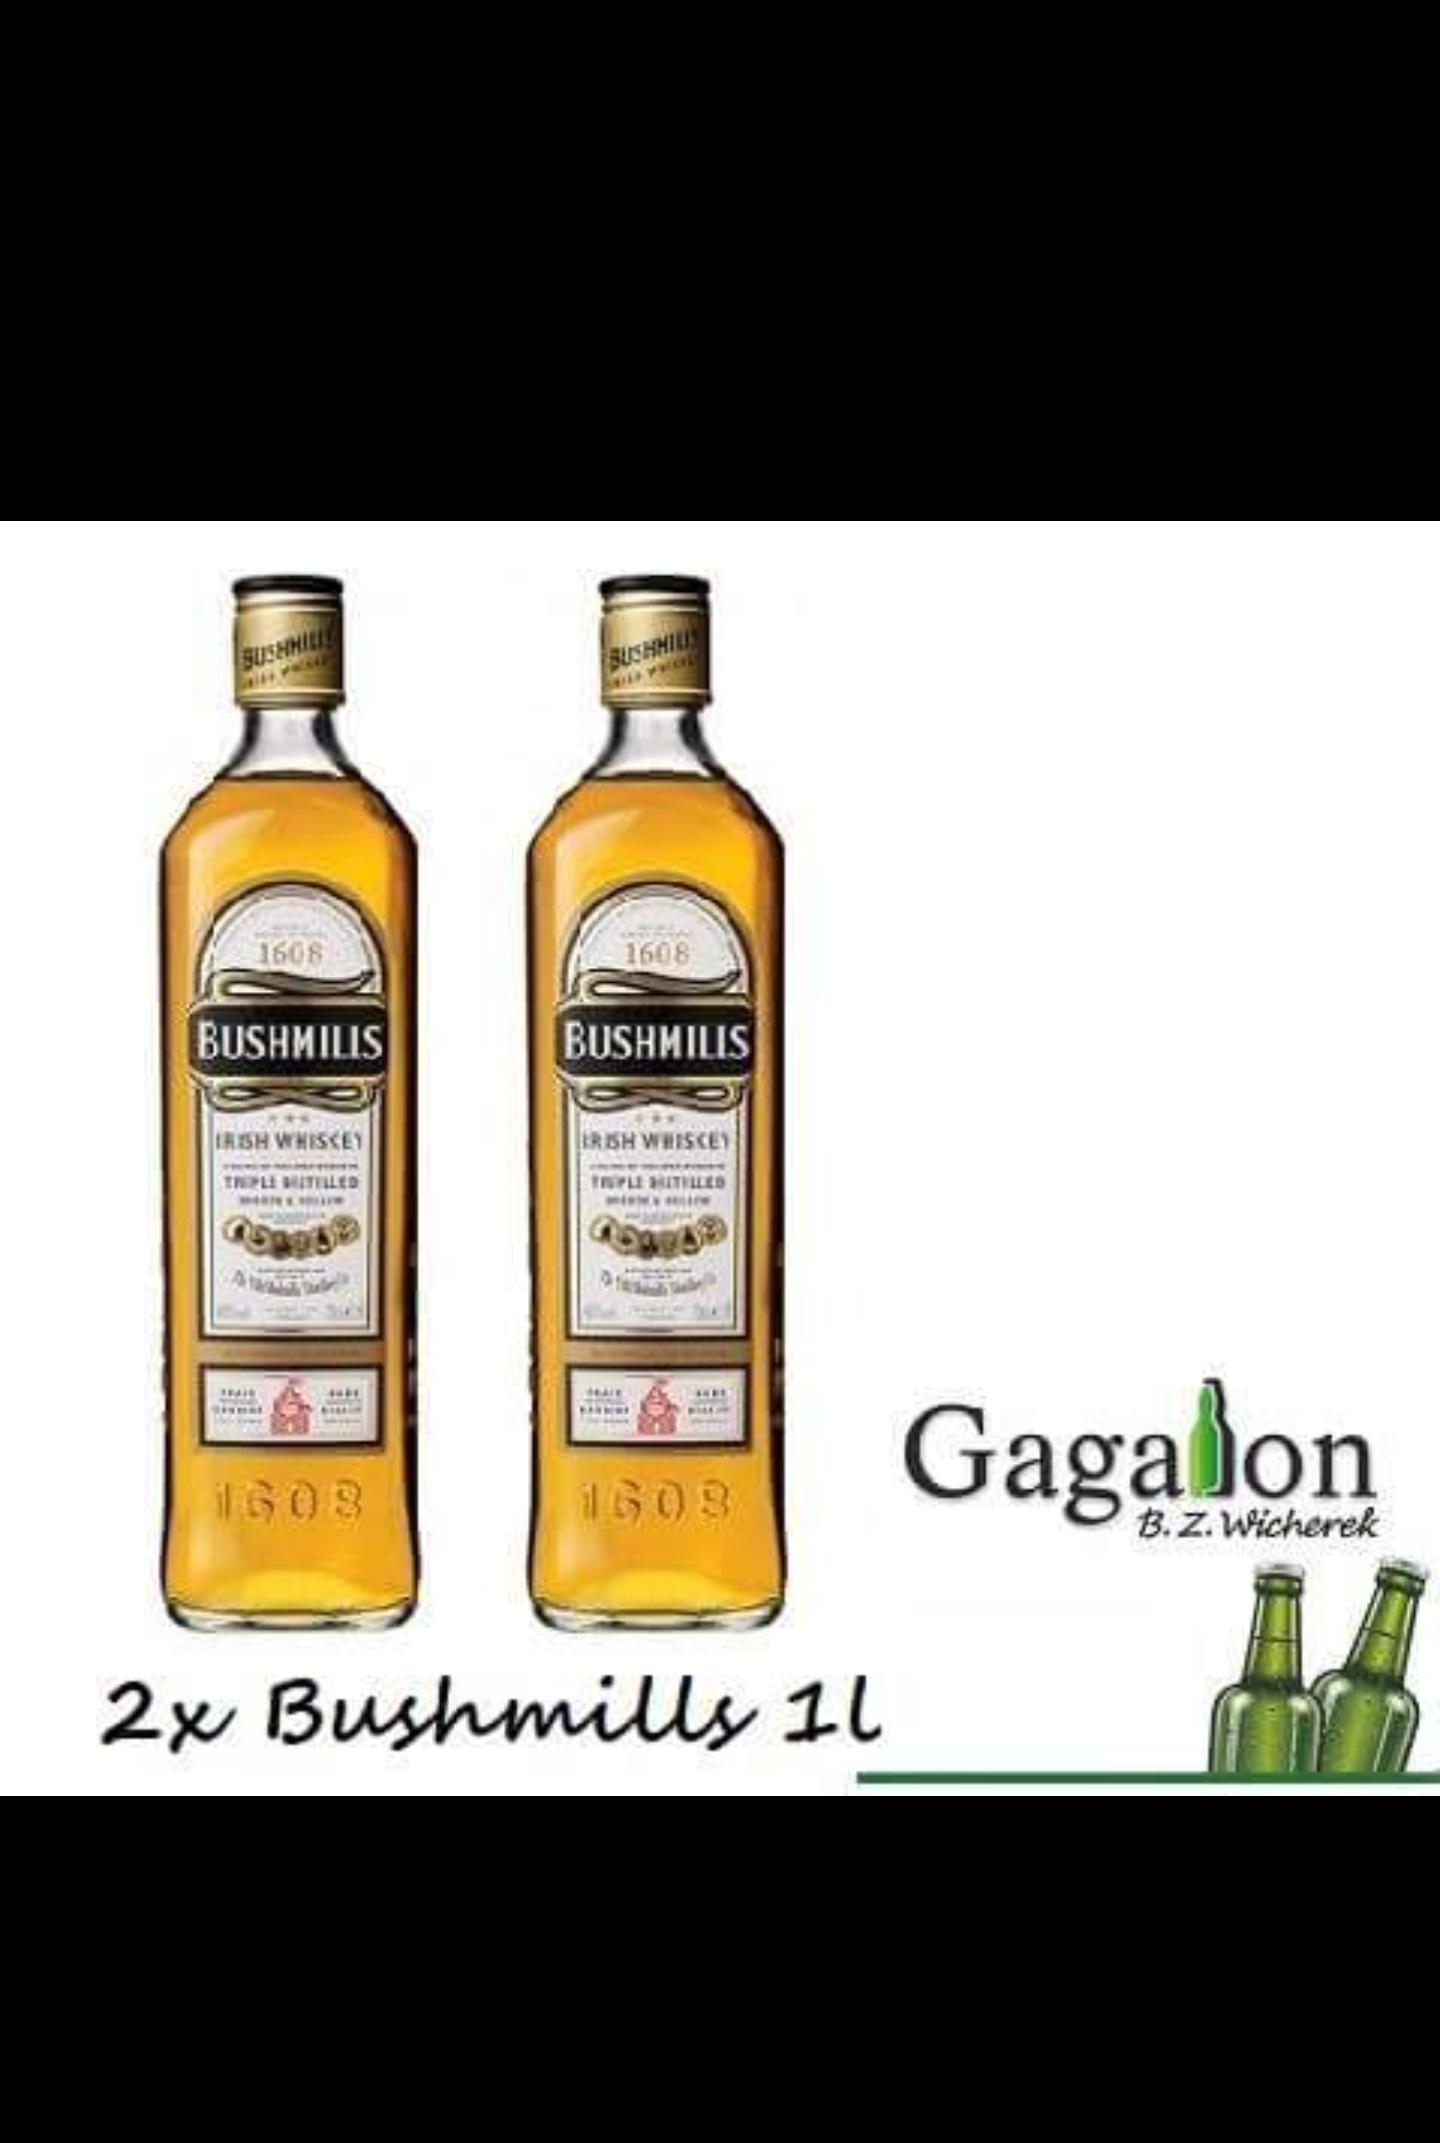 """Bushmills 2 x 1l akcja """"stówka"""" Gagalon"""